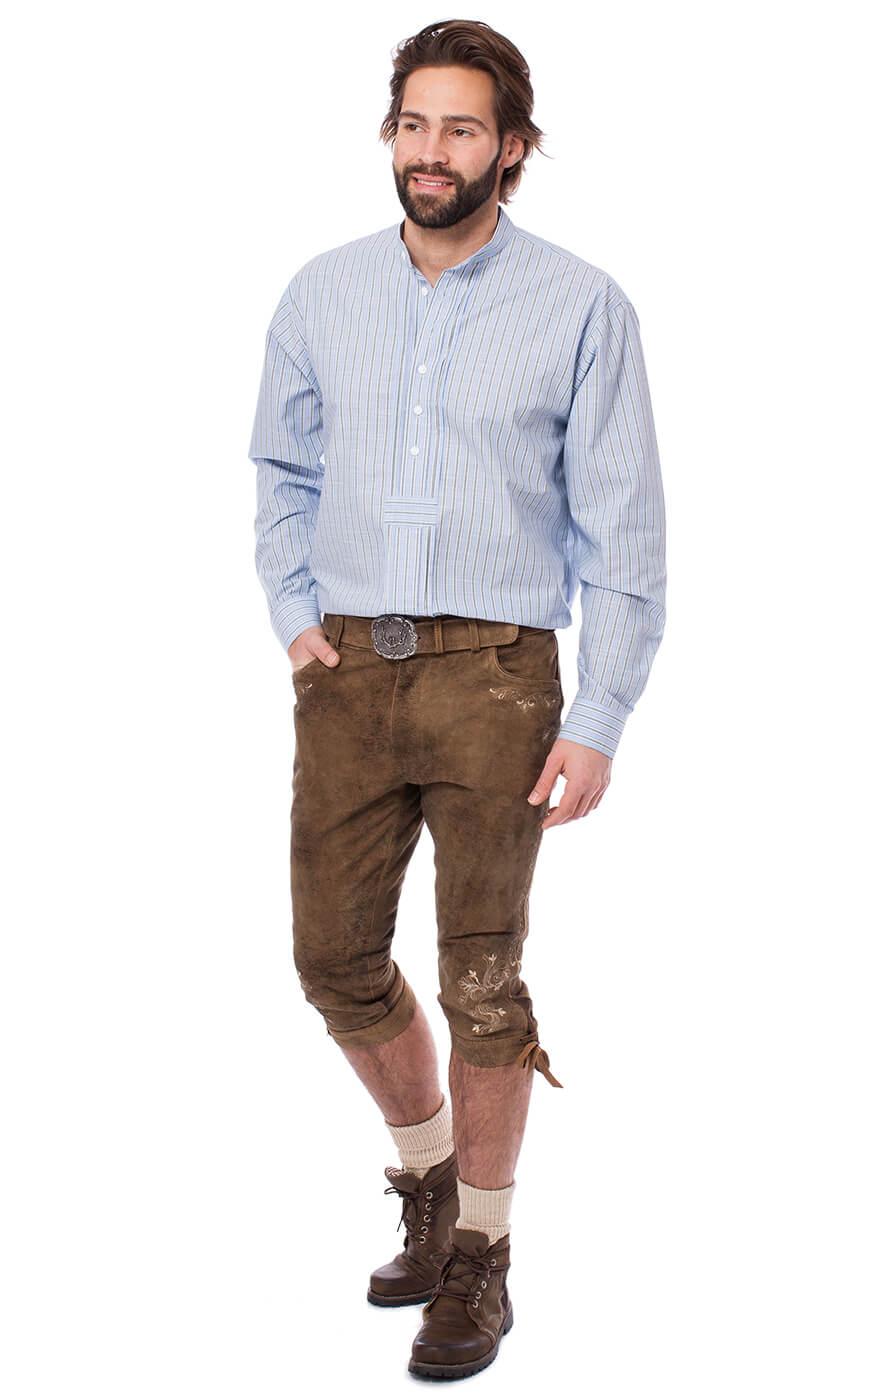 weitere Bilder von German traditional shirt 920001-3494-41 lightblue